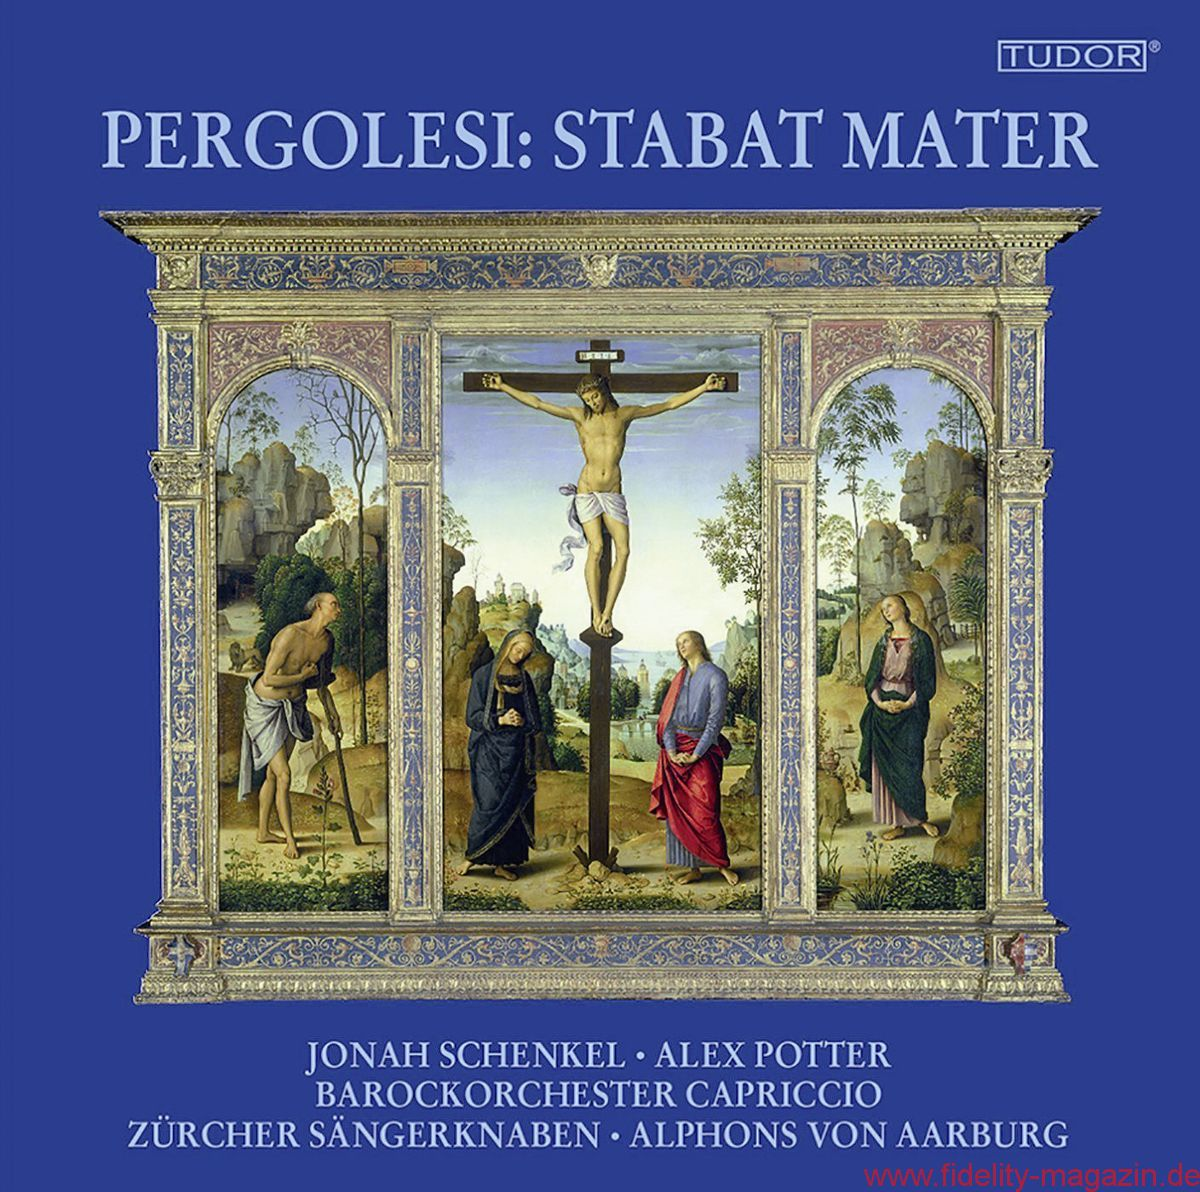 Zürcher Knabenchor, Alphons von Aarburg u. a.: Giovanni Battista Pergolesi – Stabat Mater